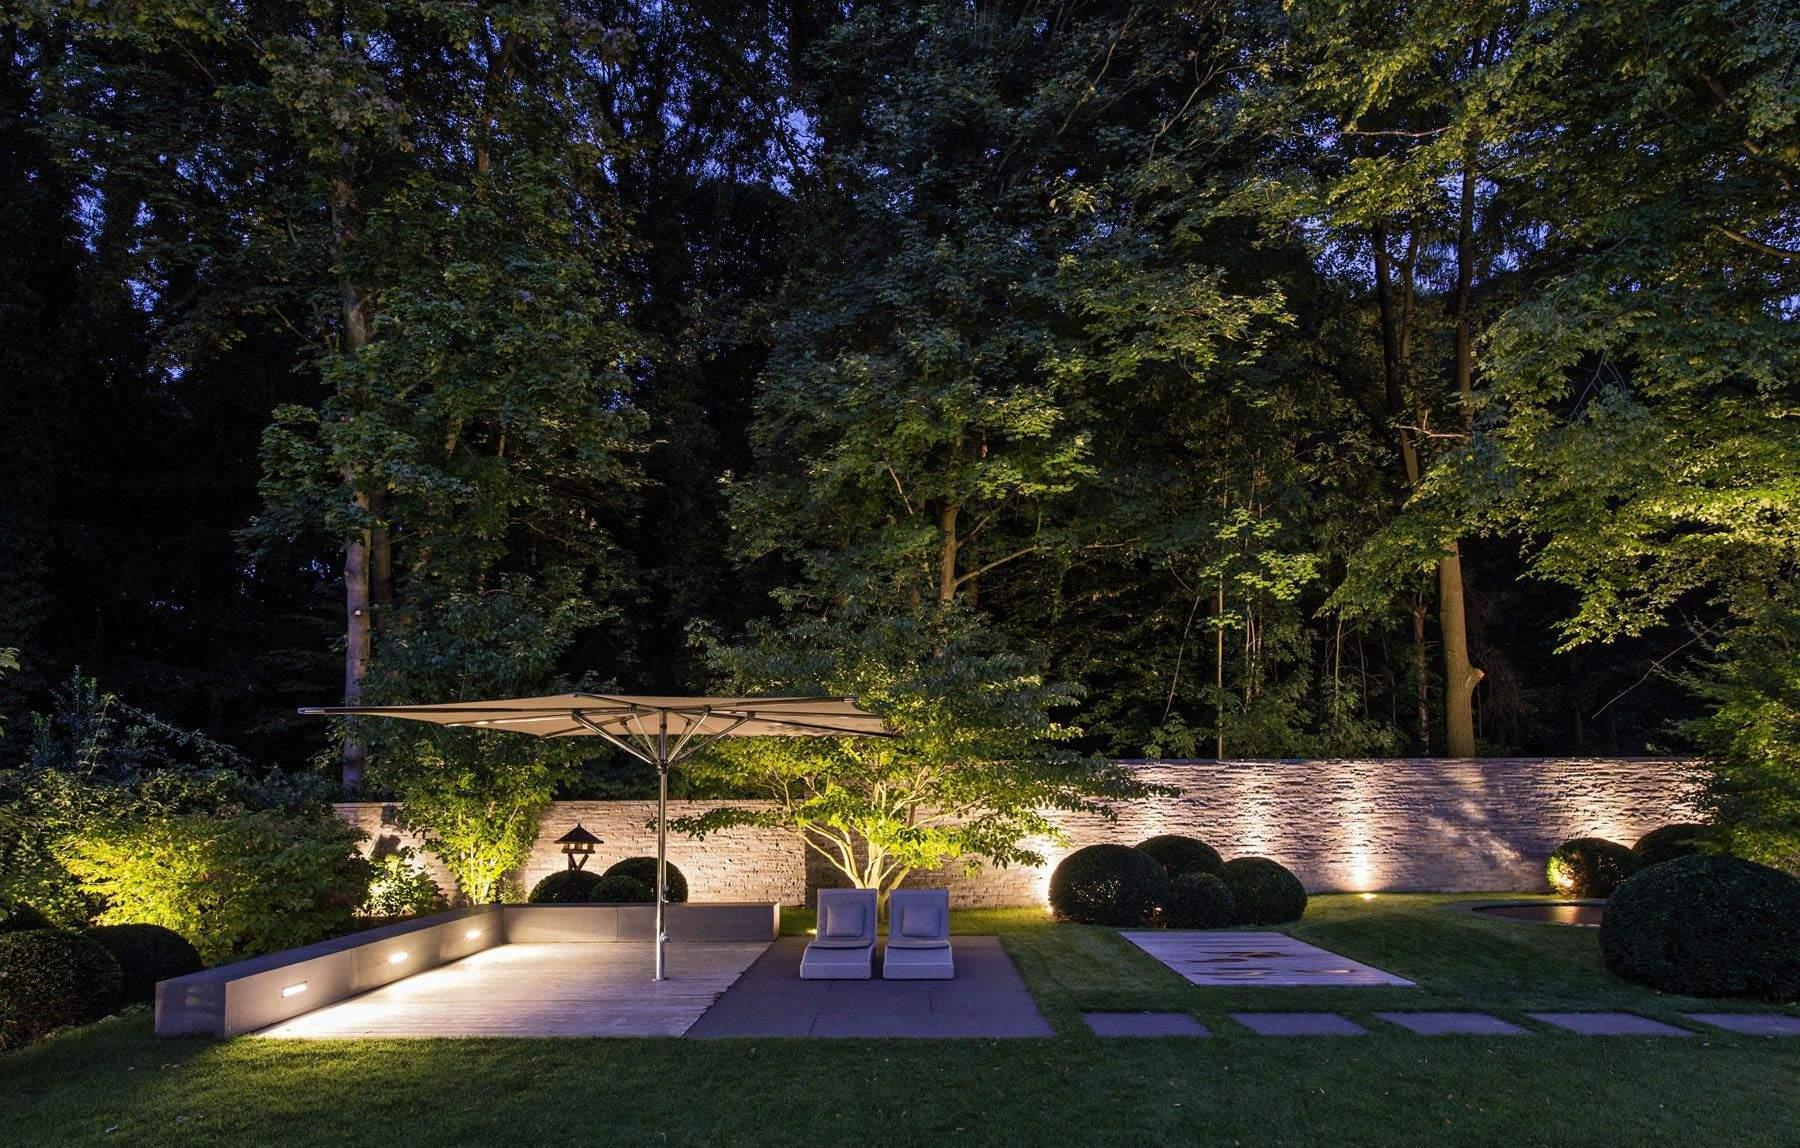 Licht Im Garten Einzigartig 29 Das Beste Von Licht Garten Schön